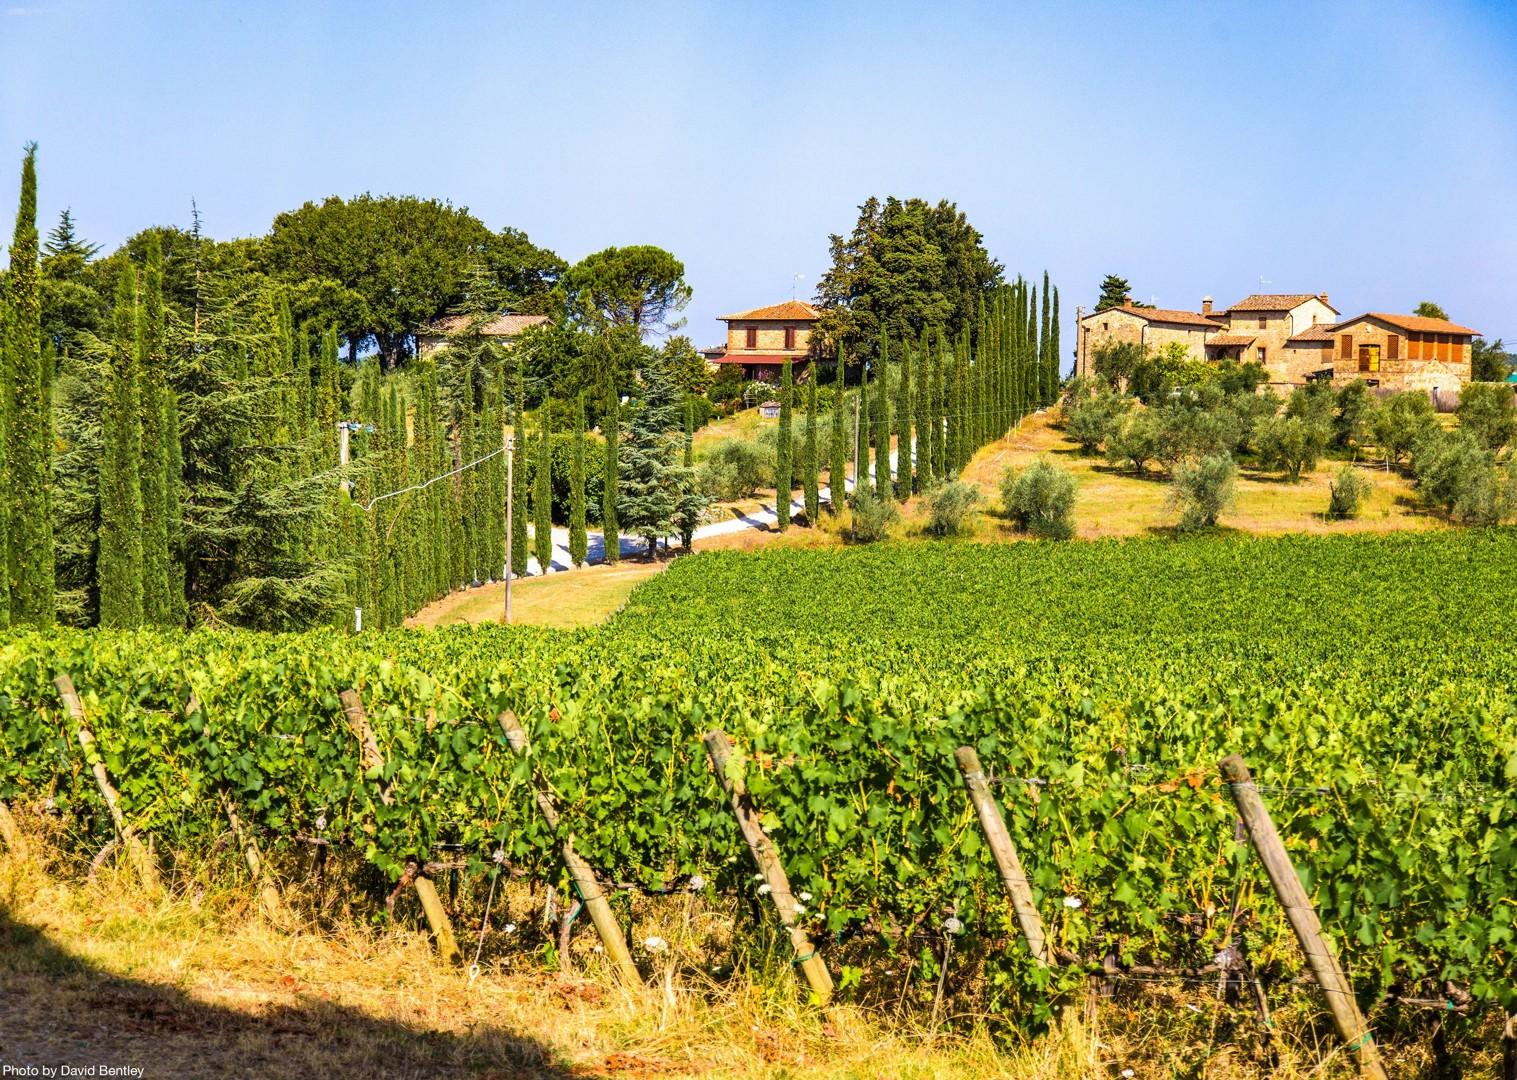 0077 Day 4 Chianti Region.jpg - Italy - Tuscany - Giro della Toscana - Guided Road Cycling Holiday - Road Cycling